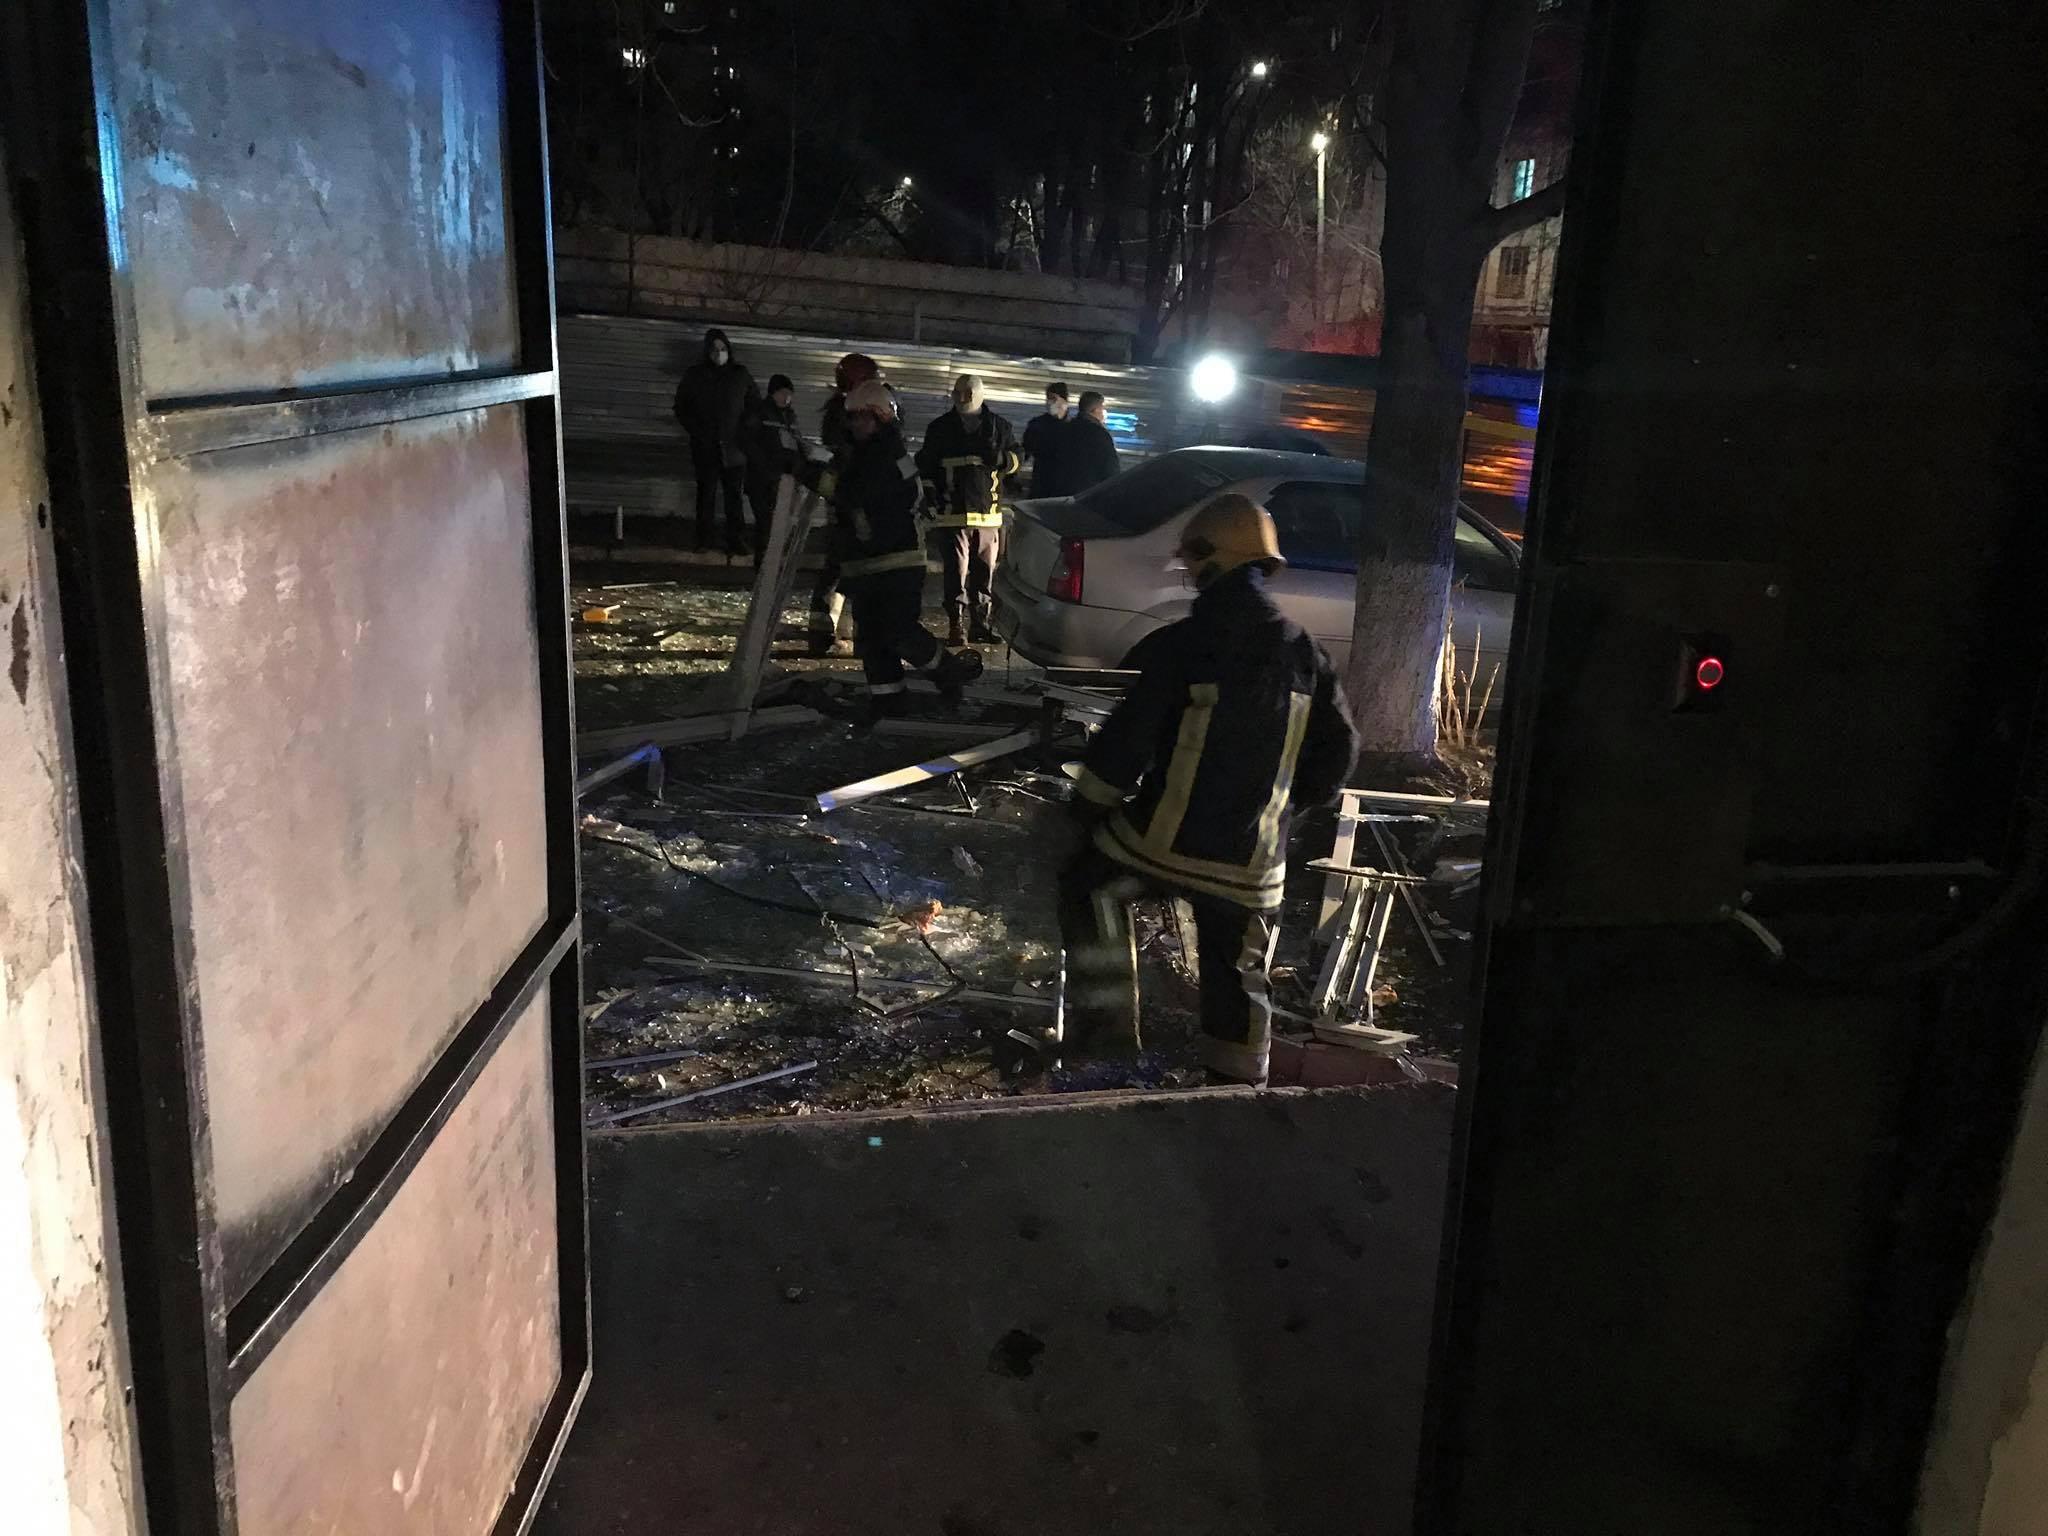 В Кишиневе произошел взрыв. Женщину и двоих детей госпитализировали (ФОТО)